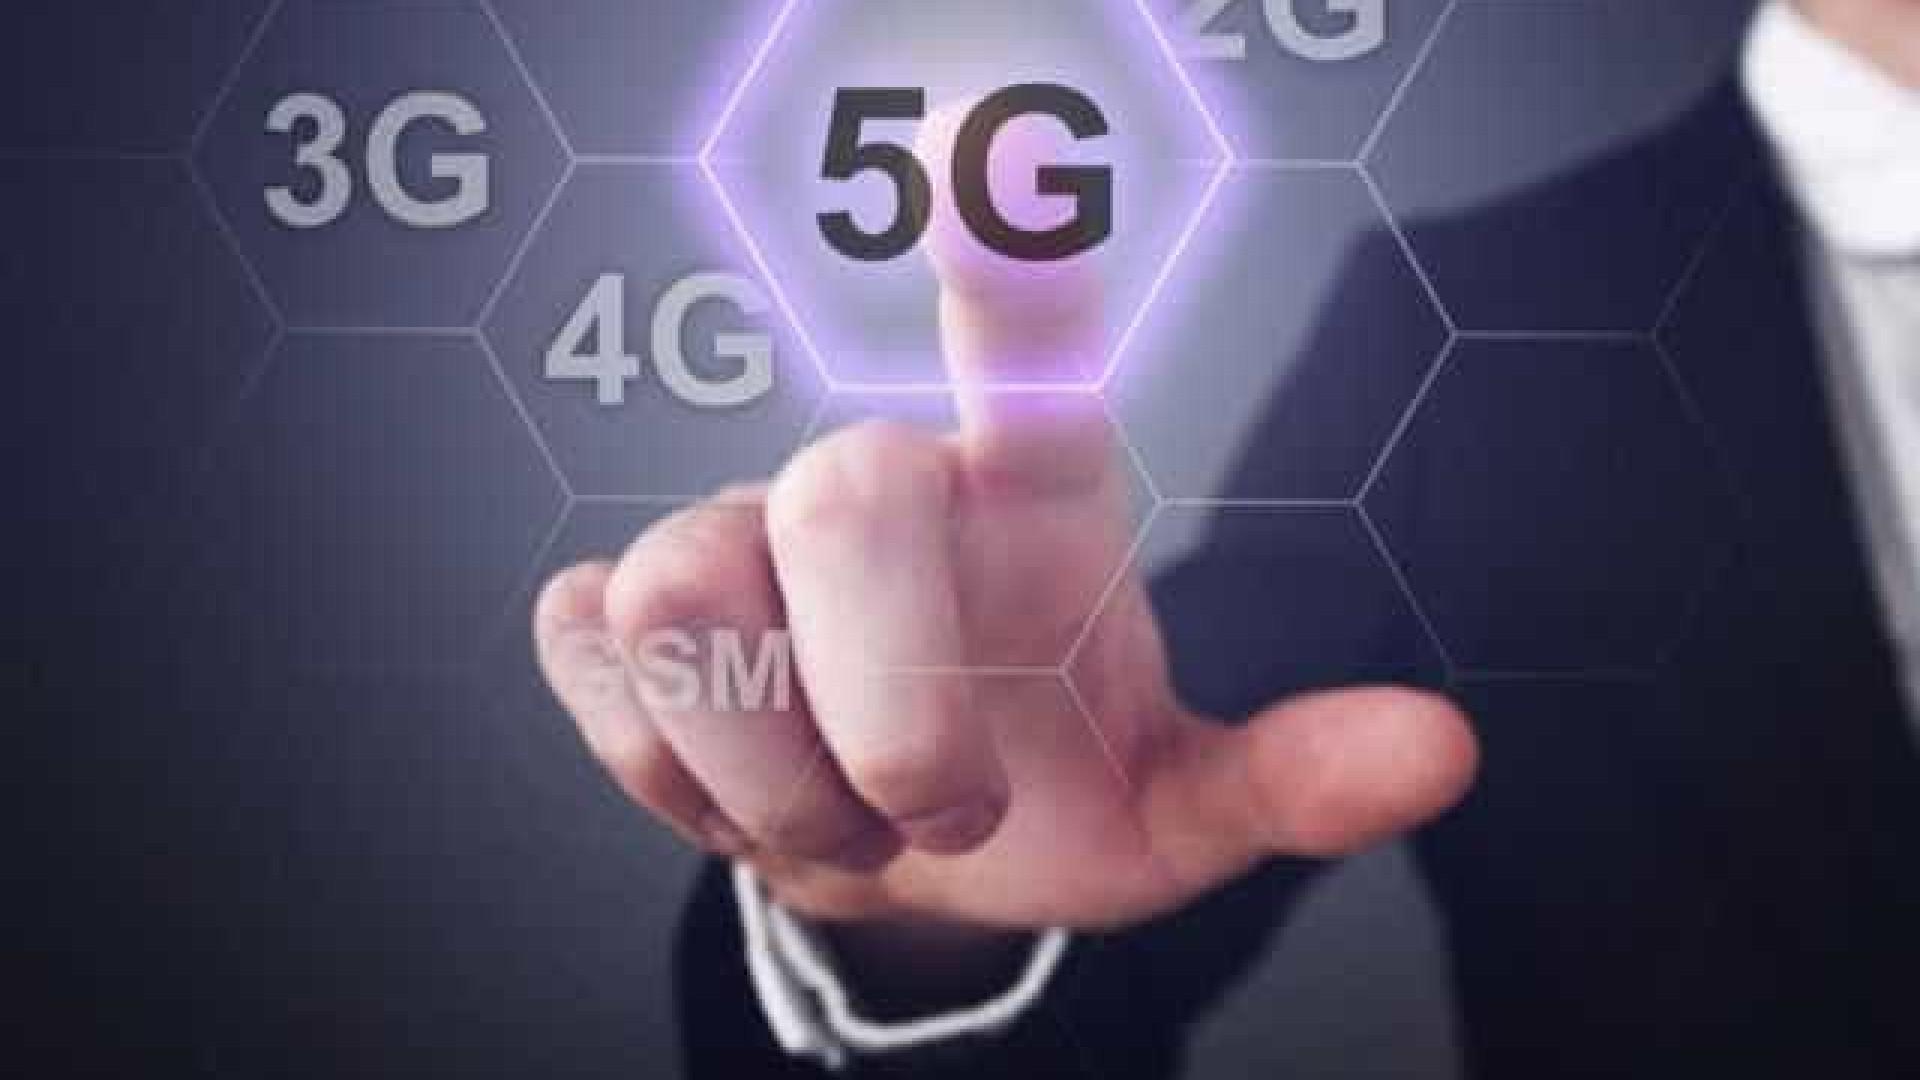 Governo lança consulta pública para estratégia das redes móveis 5G